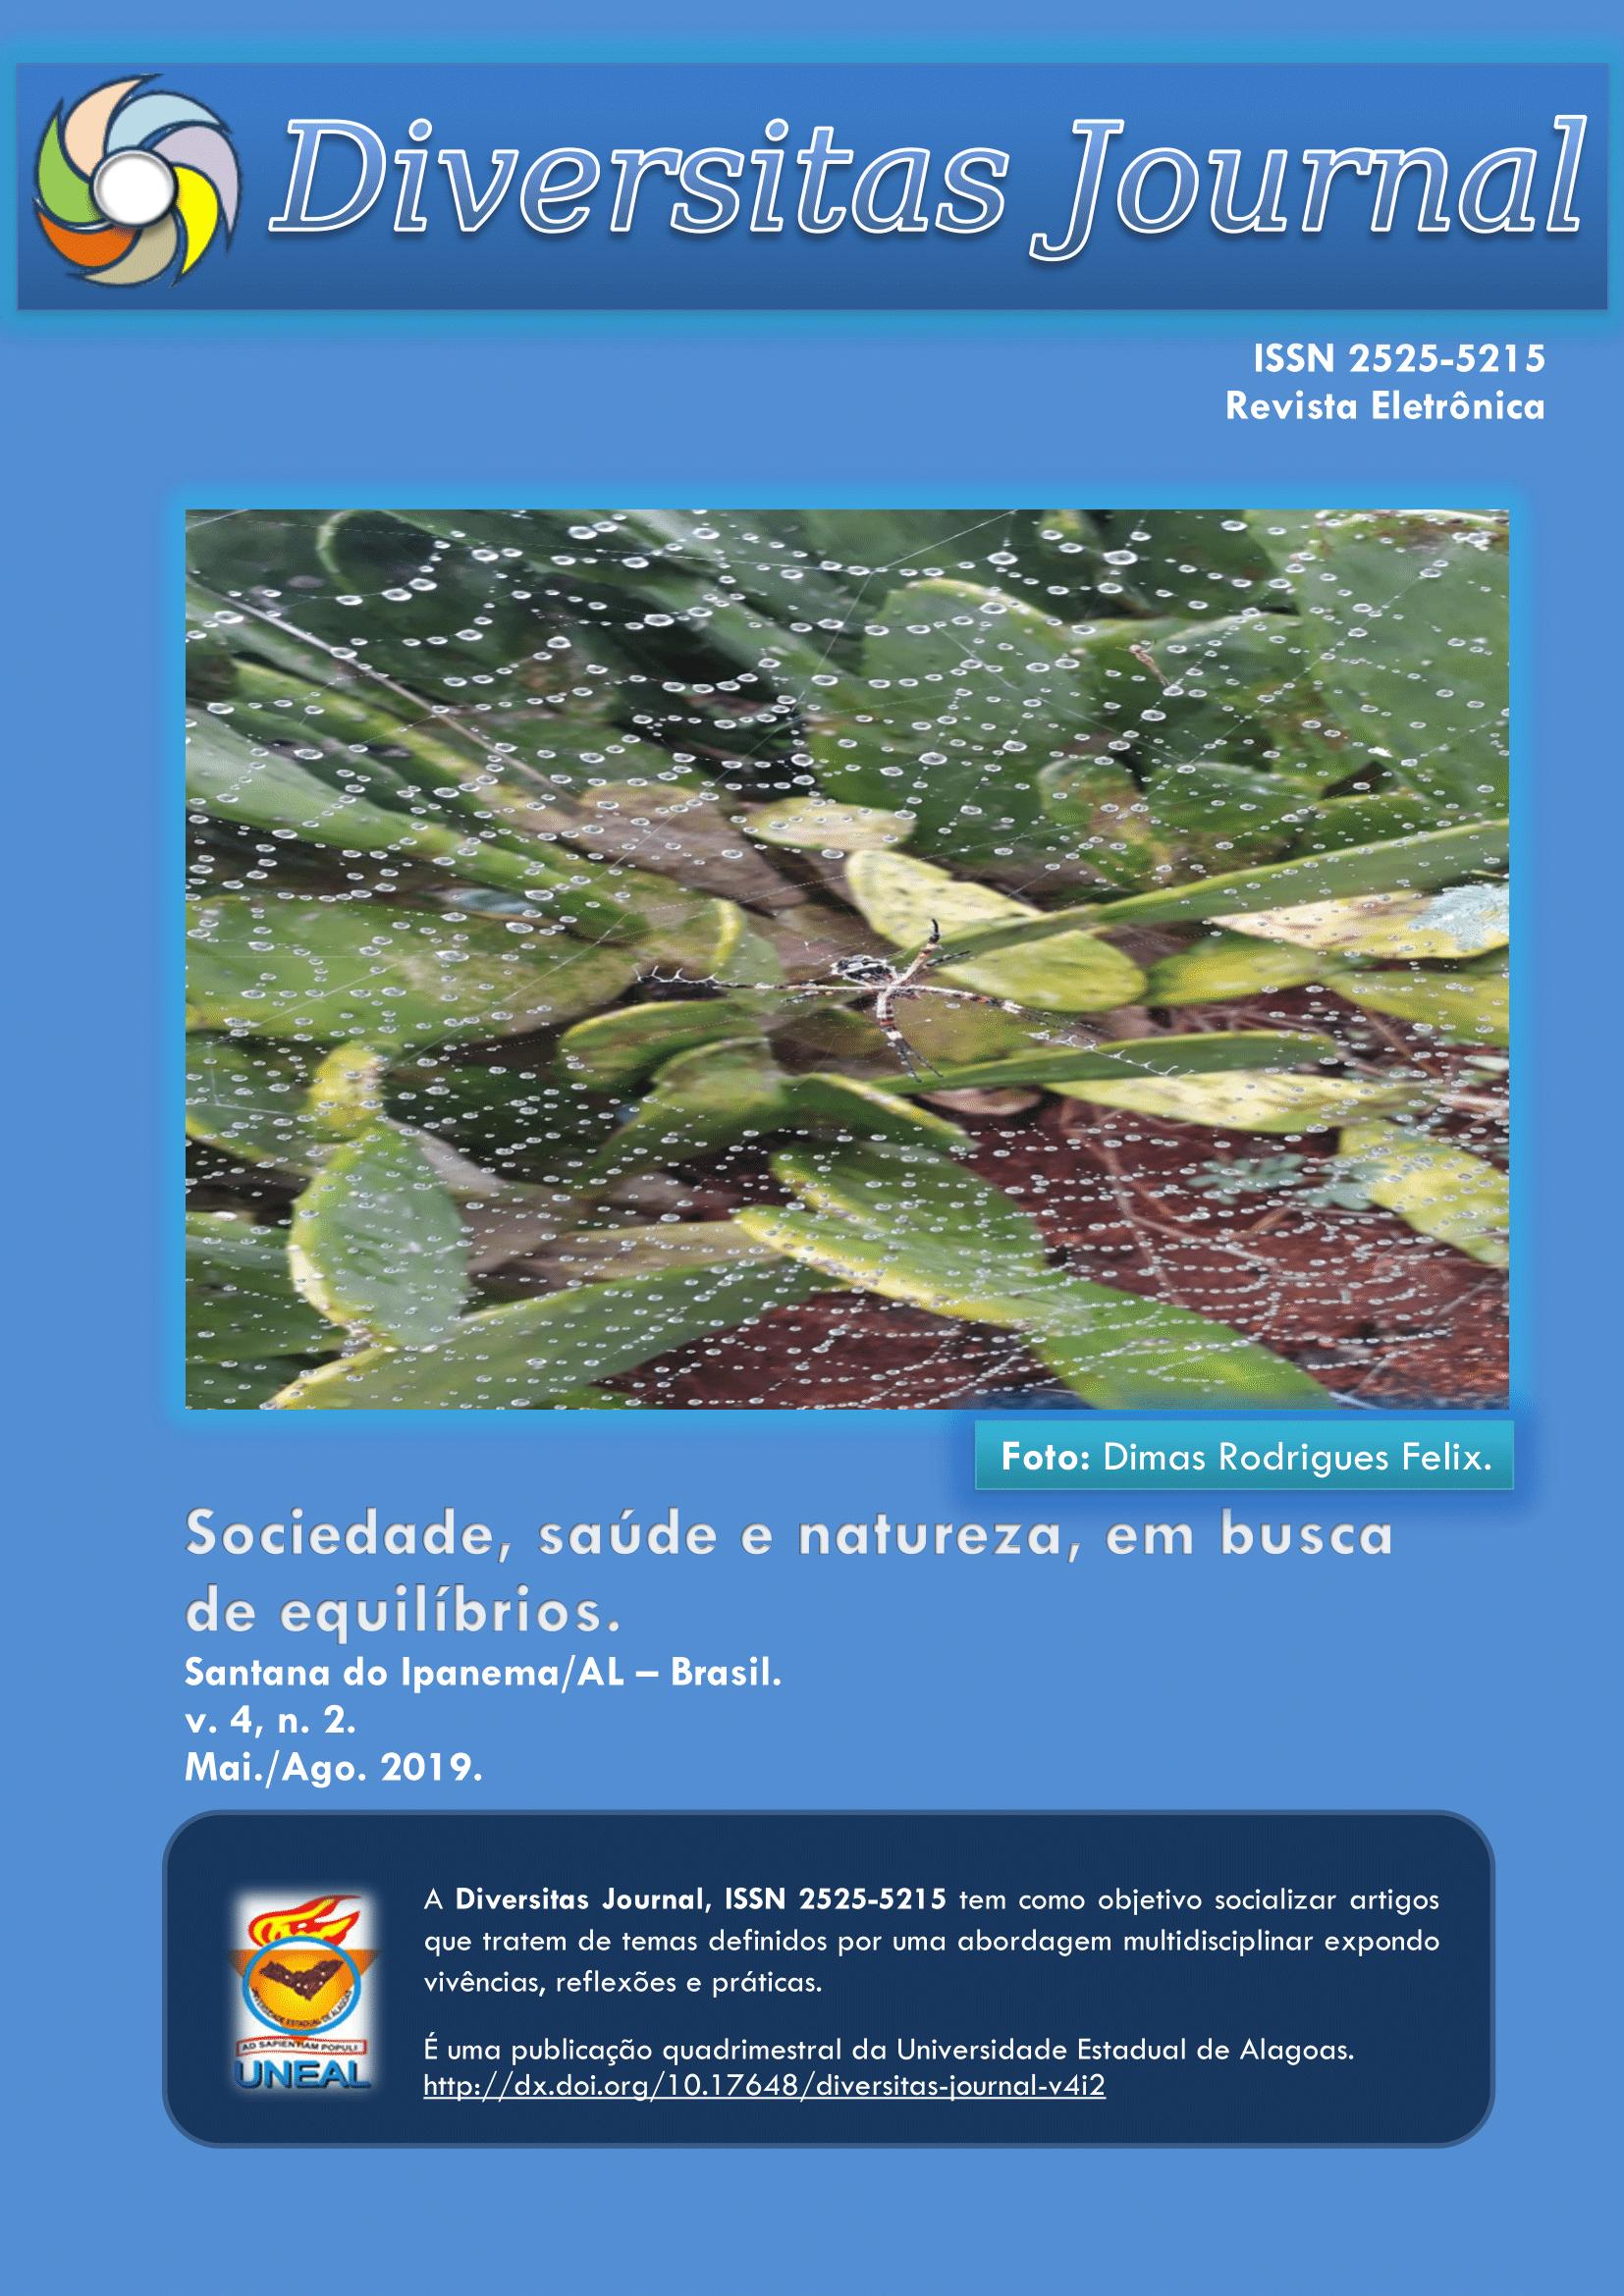 Visualizar v. 4 n. 2 (2019): Sociedade, saúde e natureza, em busca de equilíbrios